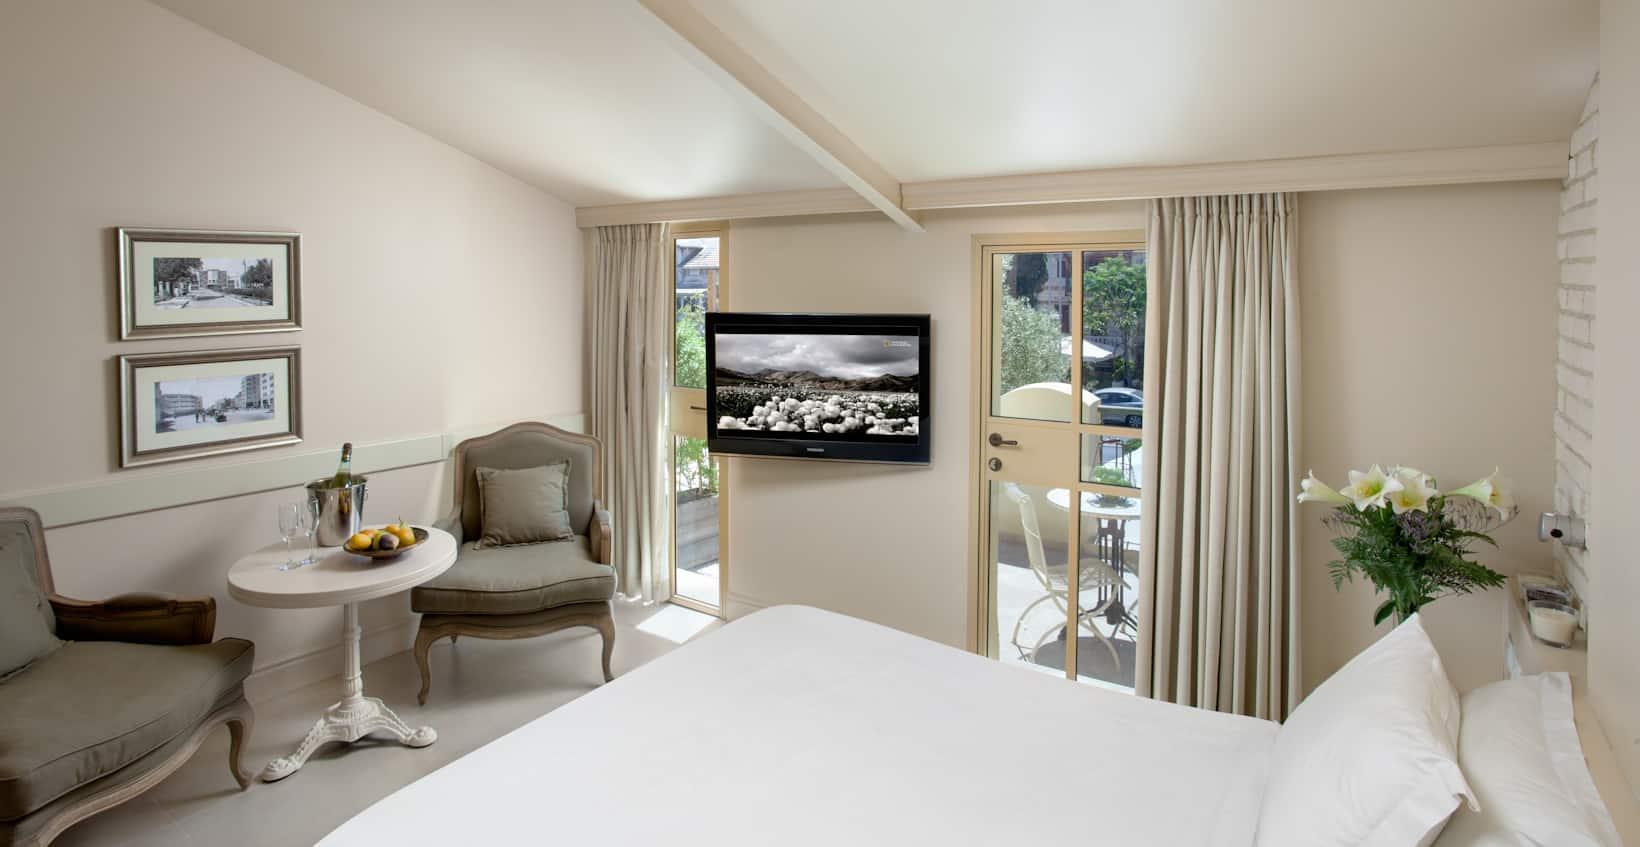 מלון טמפלרס בחיפה צילום אורי אקרמן